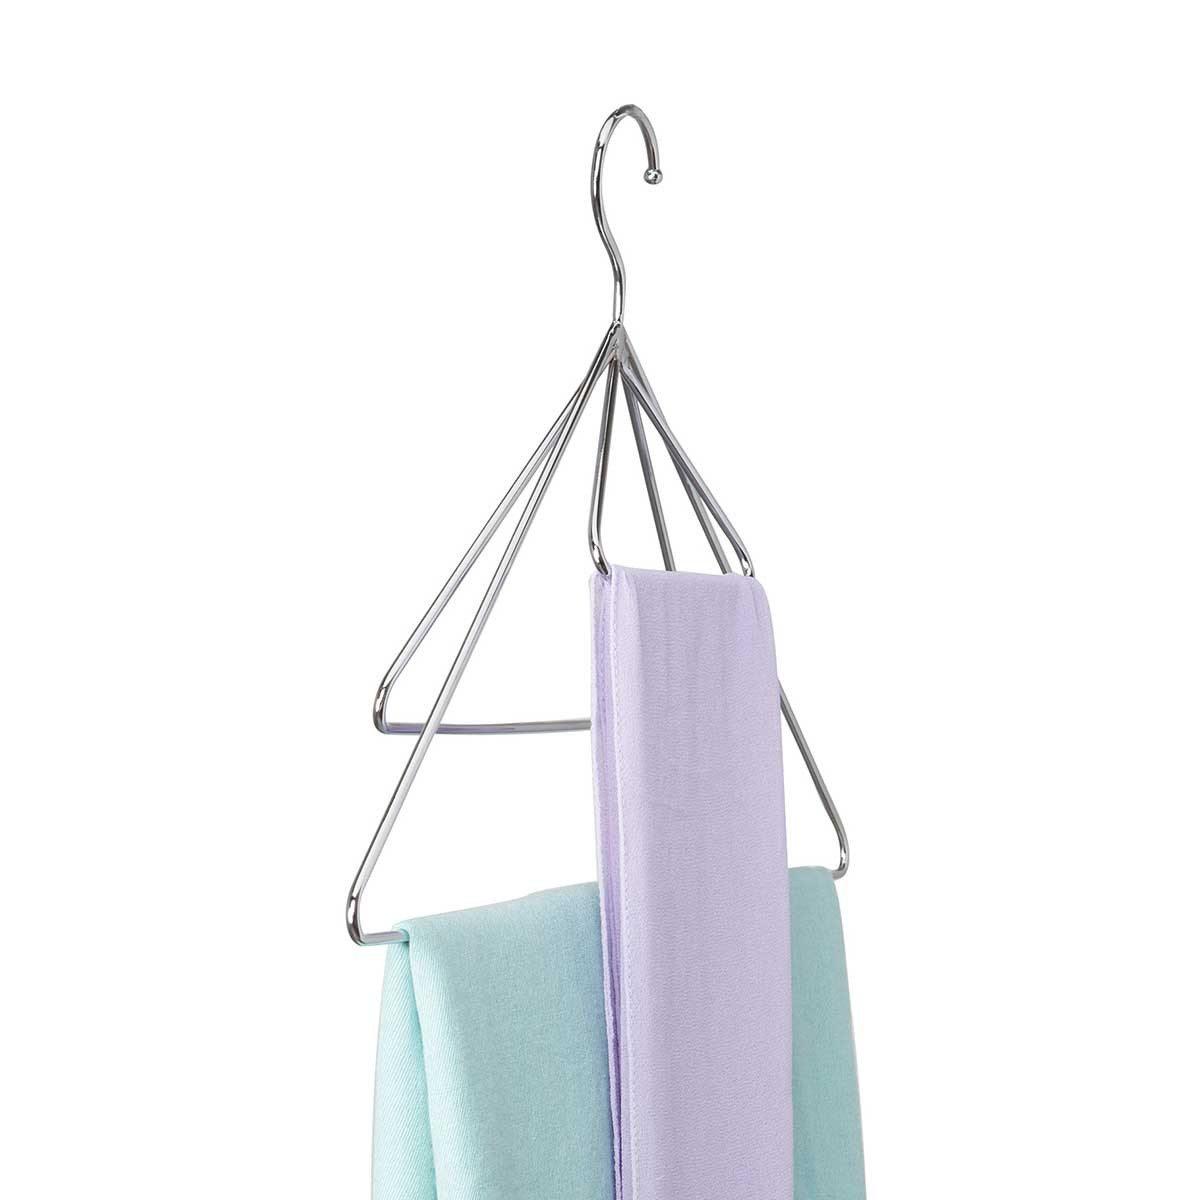 Schal- und Tuchhalter